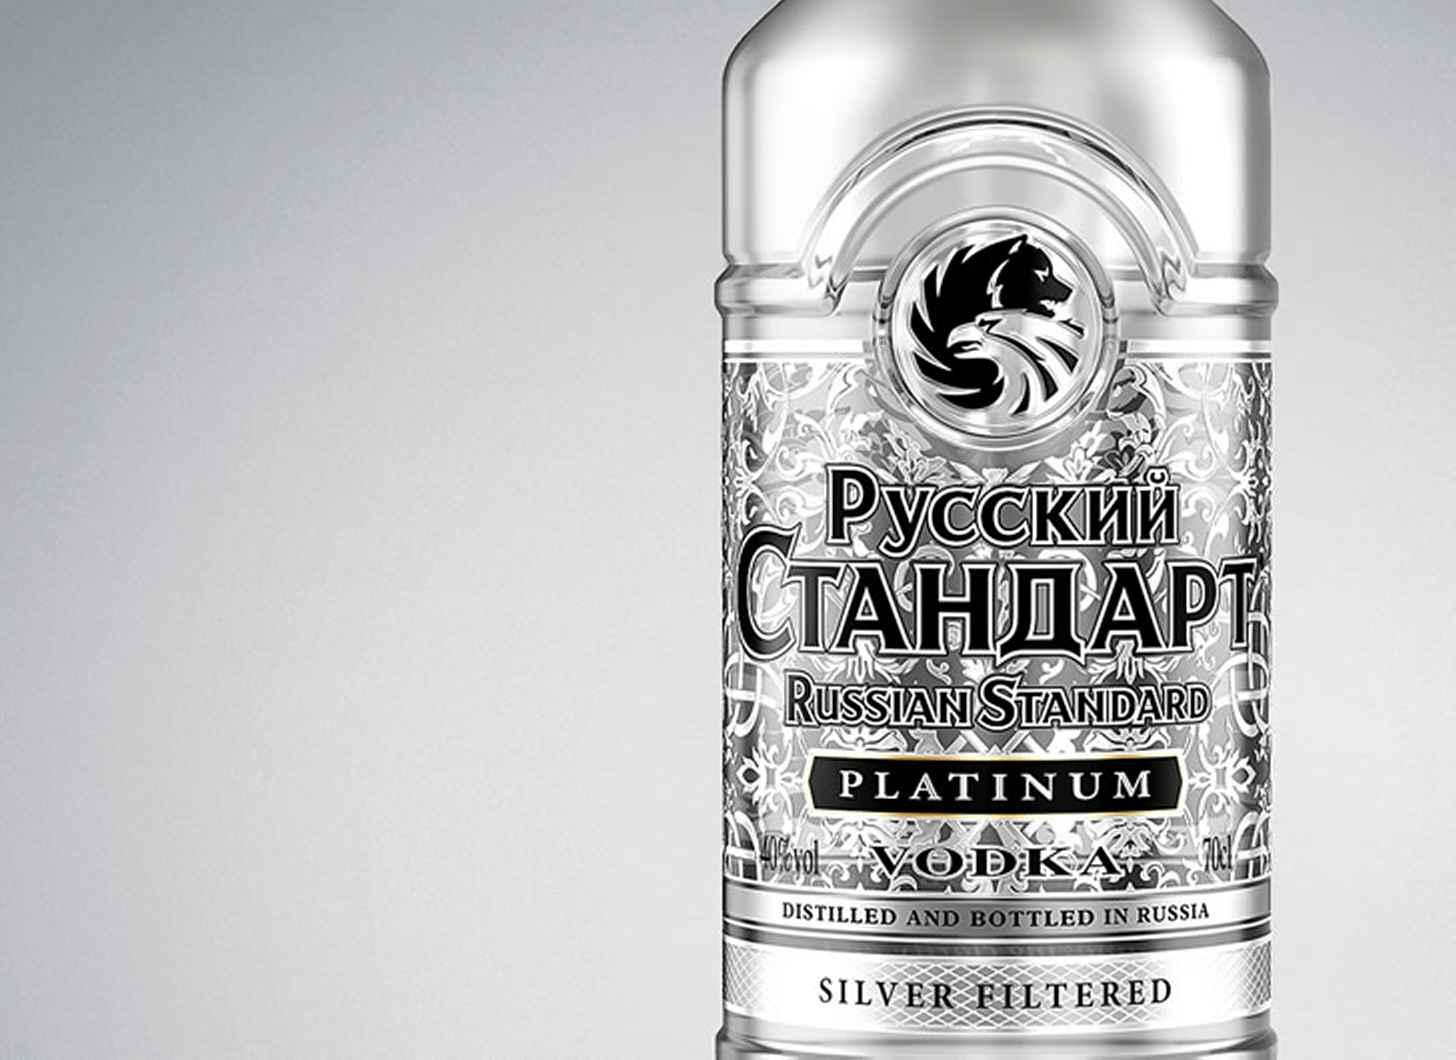 Качественная водка русский стандарт